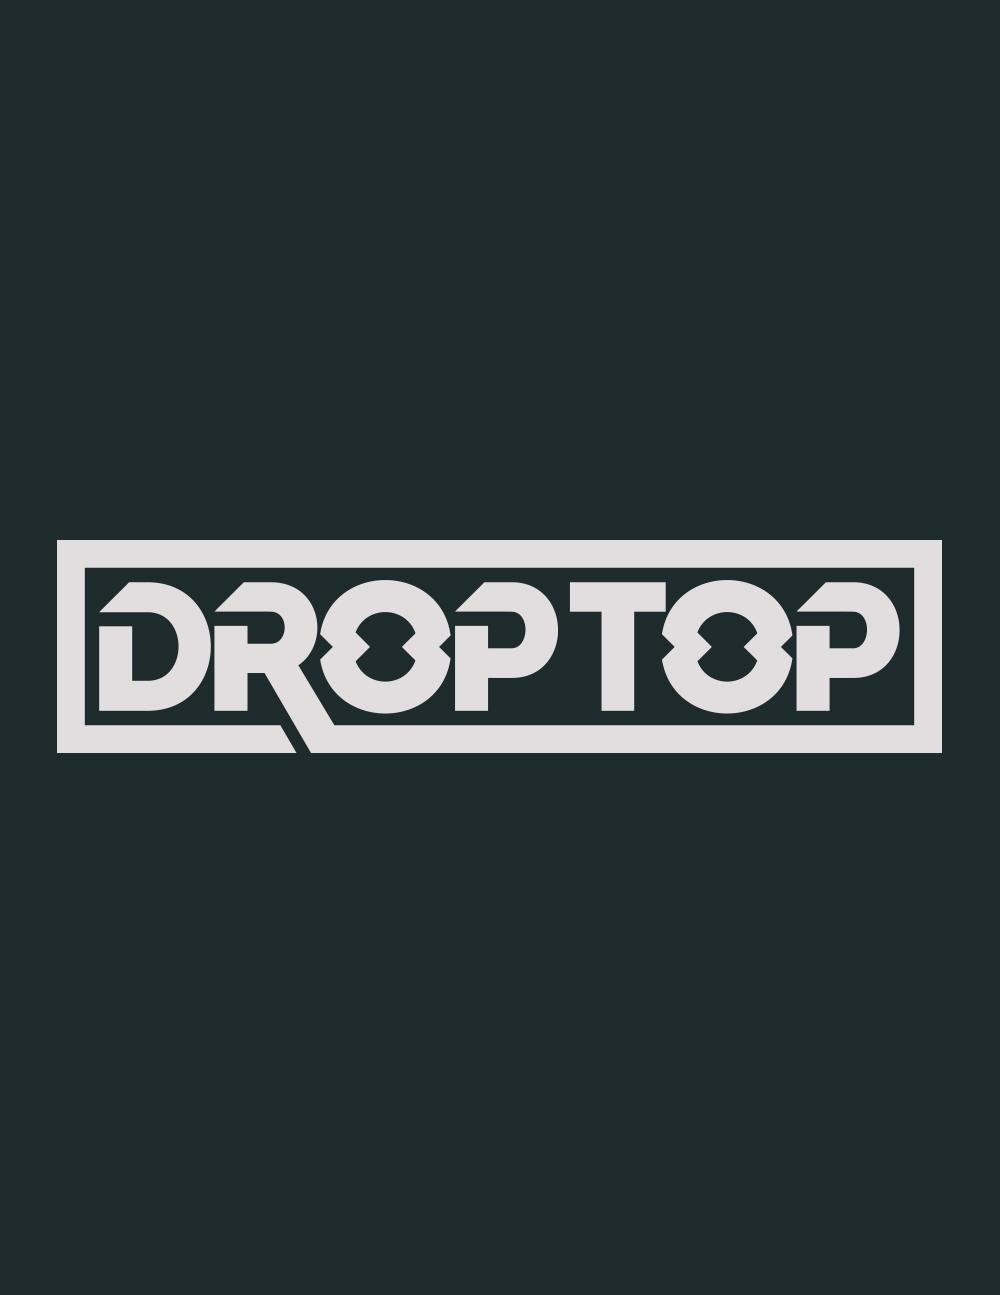 droptop-logo_01